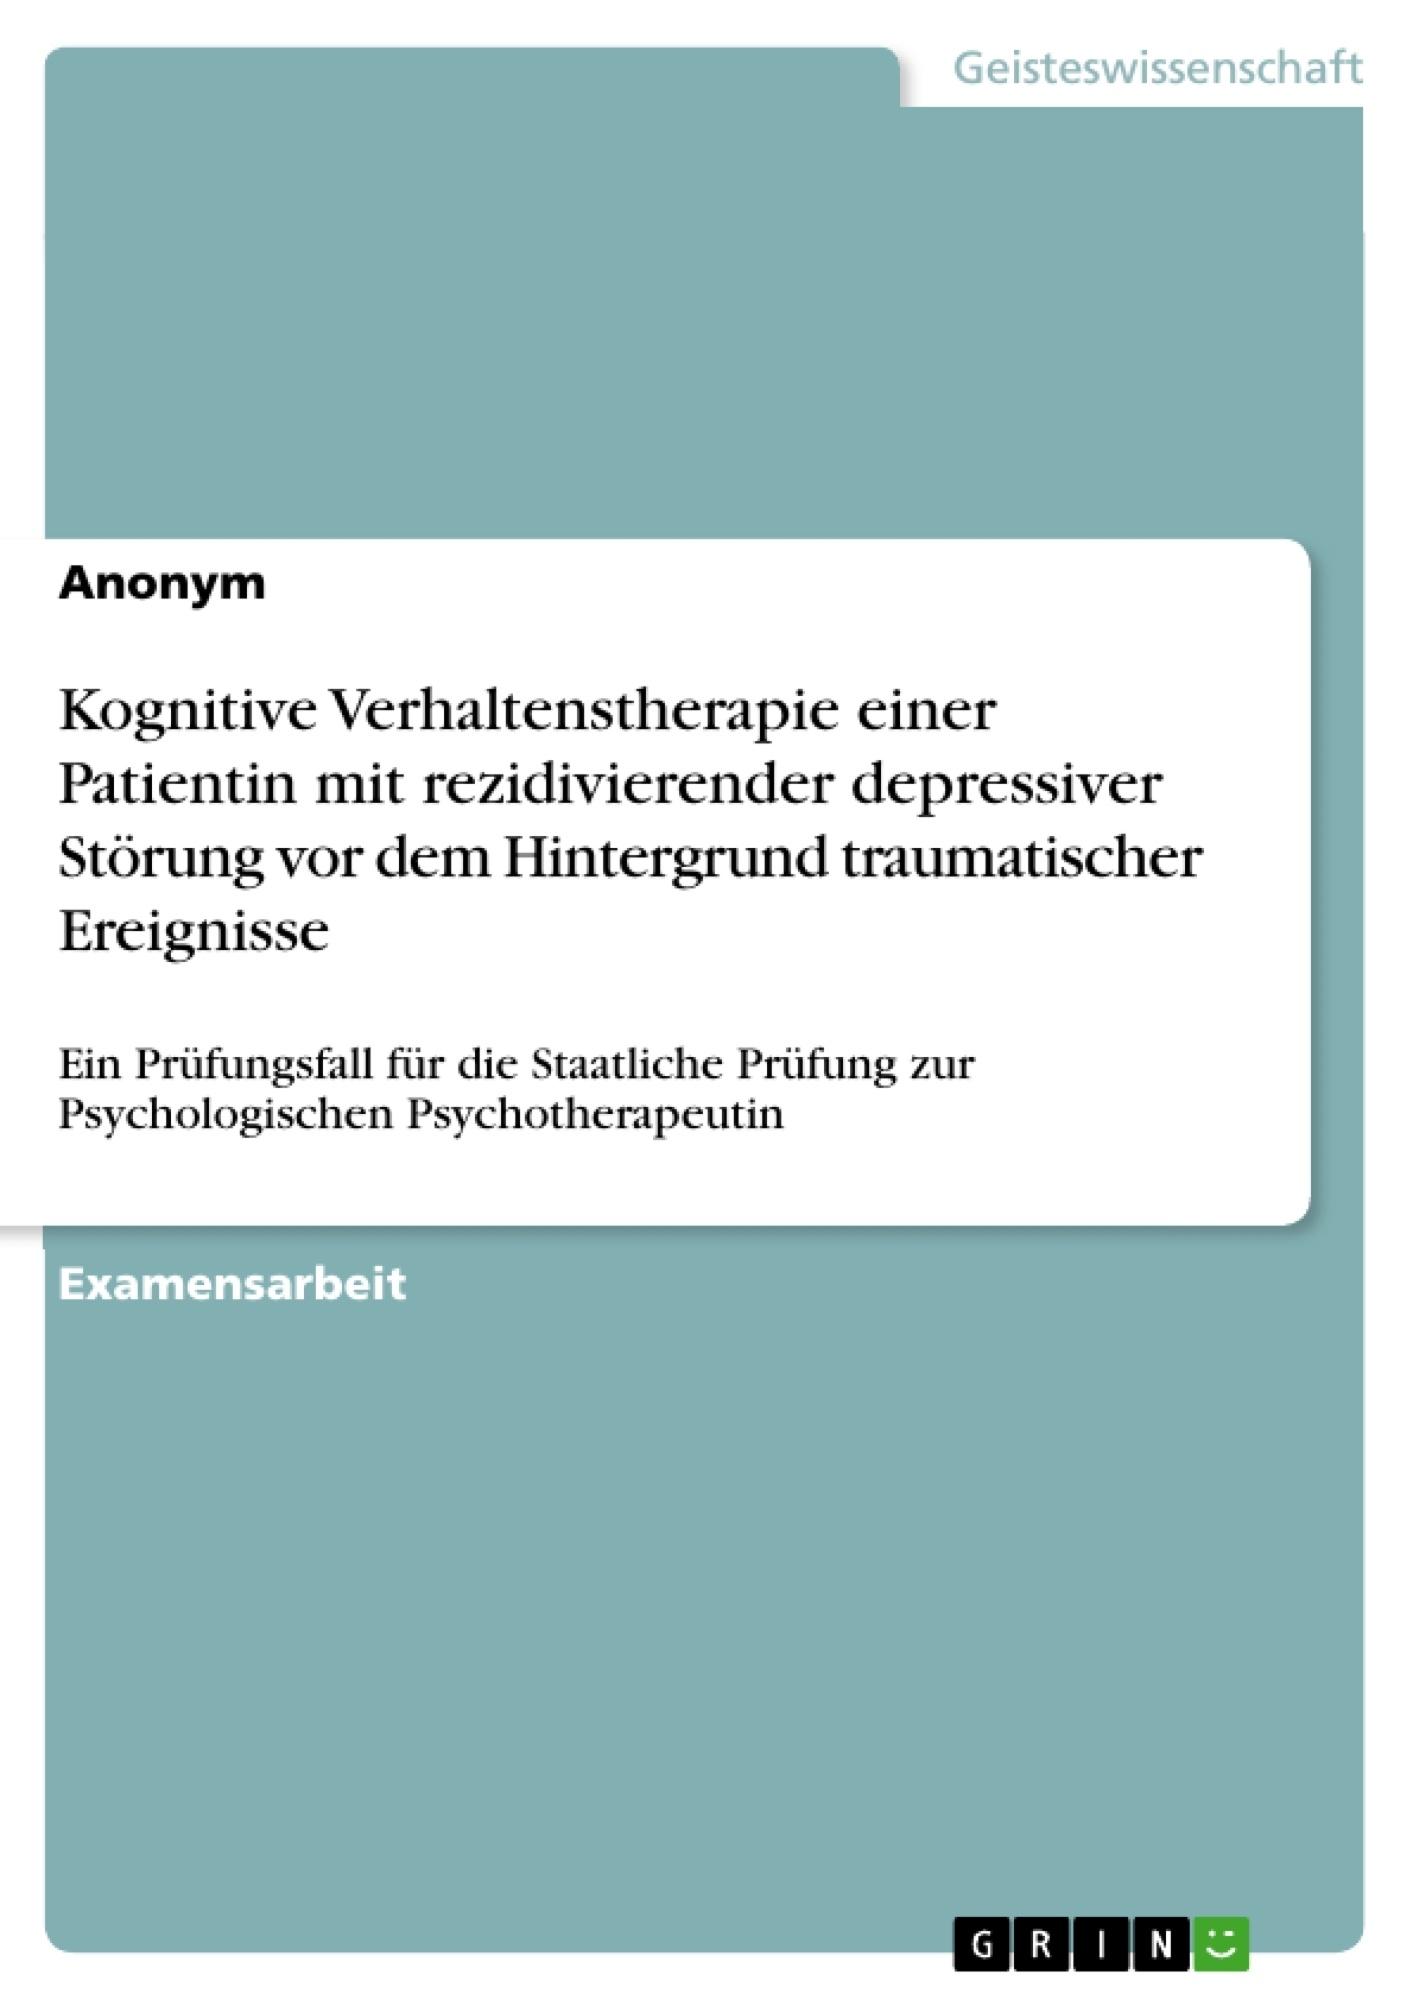 Titel: Kognitive Verhaltenstherapie einer Patientin mit rezidivierender depressiver Störung vor dem Hintergrund traumatischer Ereignisse